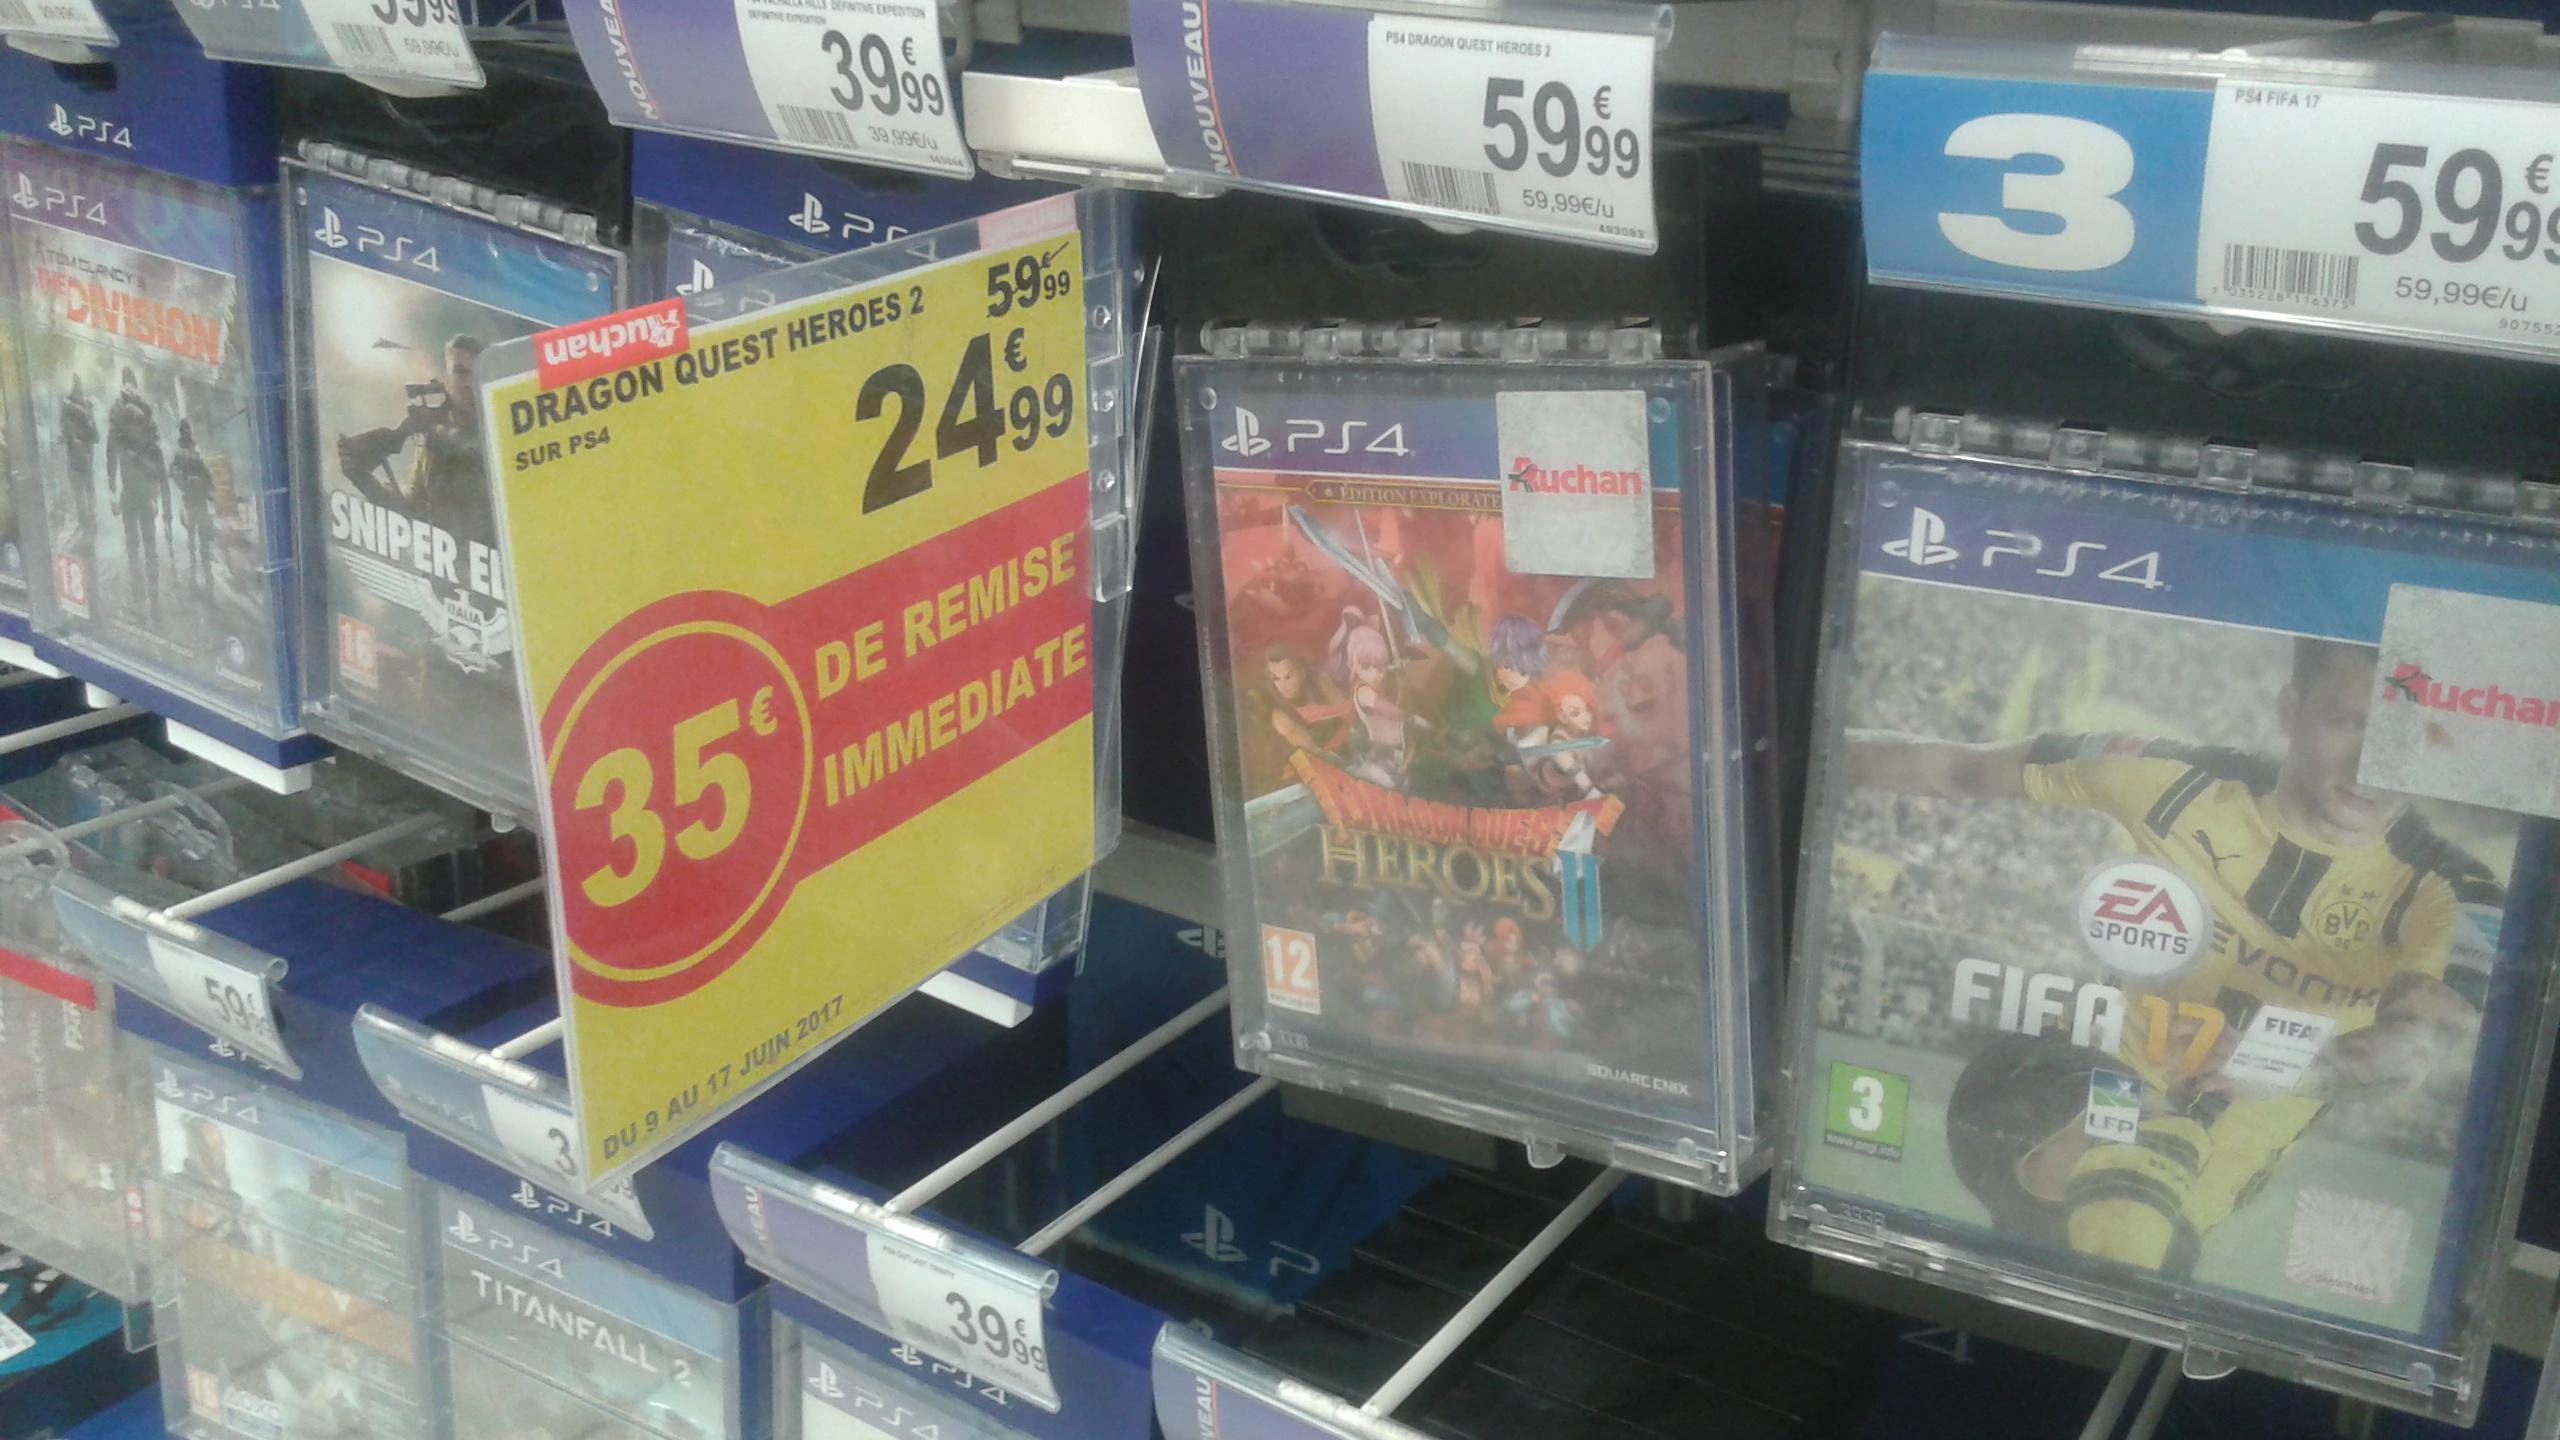 Sélection de jeux PS4 en promotion - Ex : Dragon Quest Heroes 2